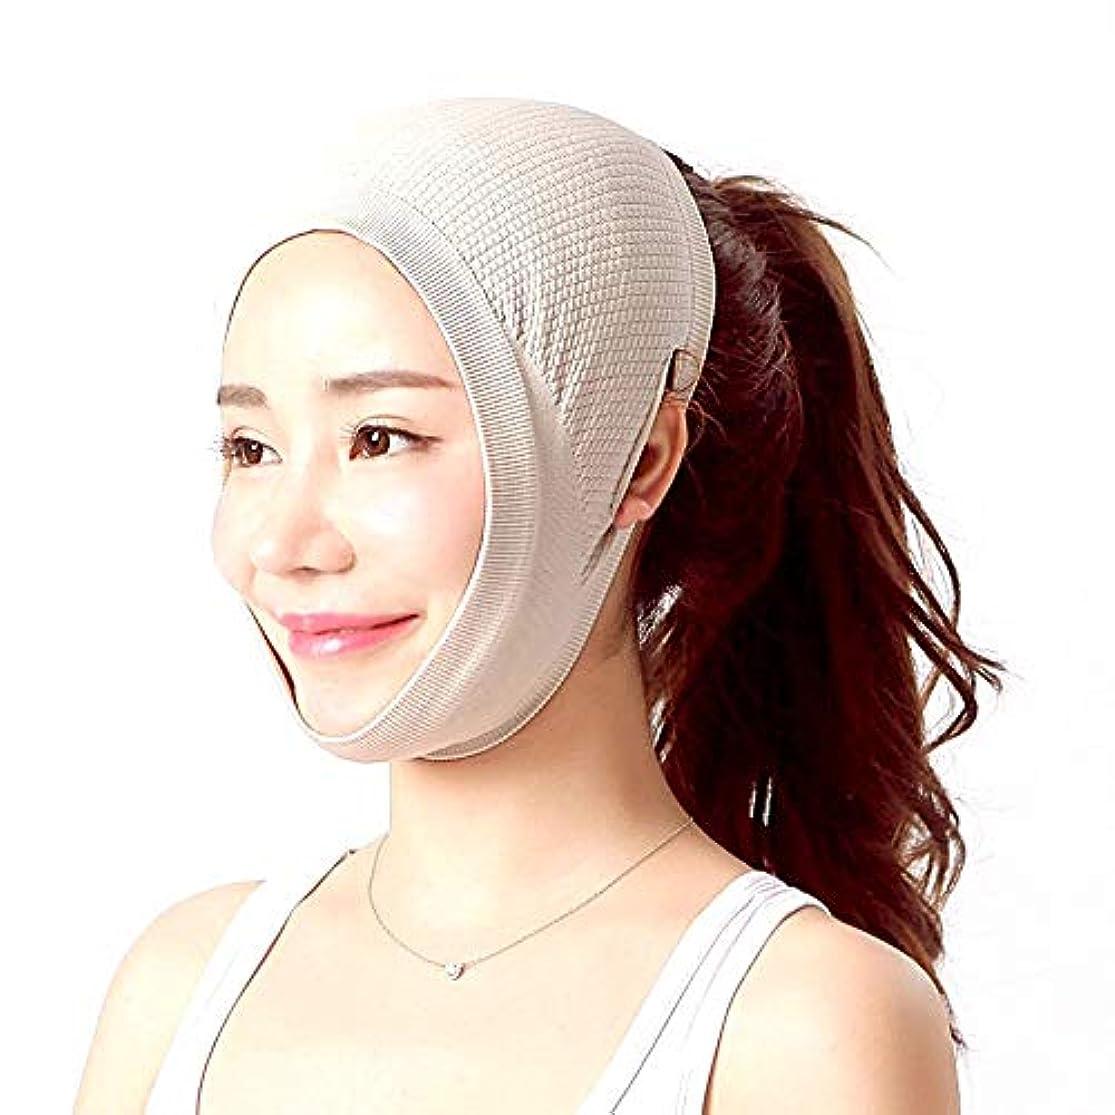 指令恵みダンスJia Jia- フェイスリフティングアーティファクト包帯ライン術後回復包帯リフティングフェイスフードVフェイス包帯リフティングVフェイス美容マスク - 肌のトーン 顔面包帯